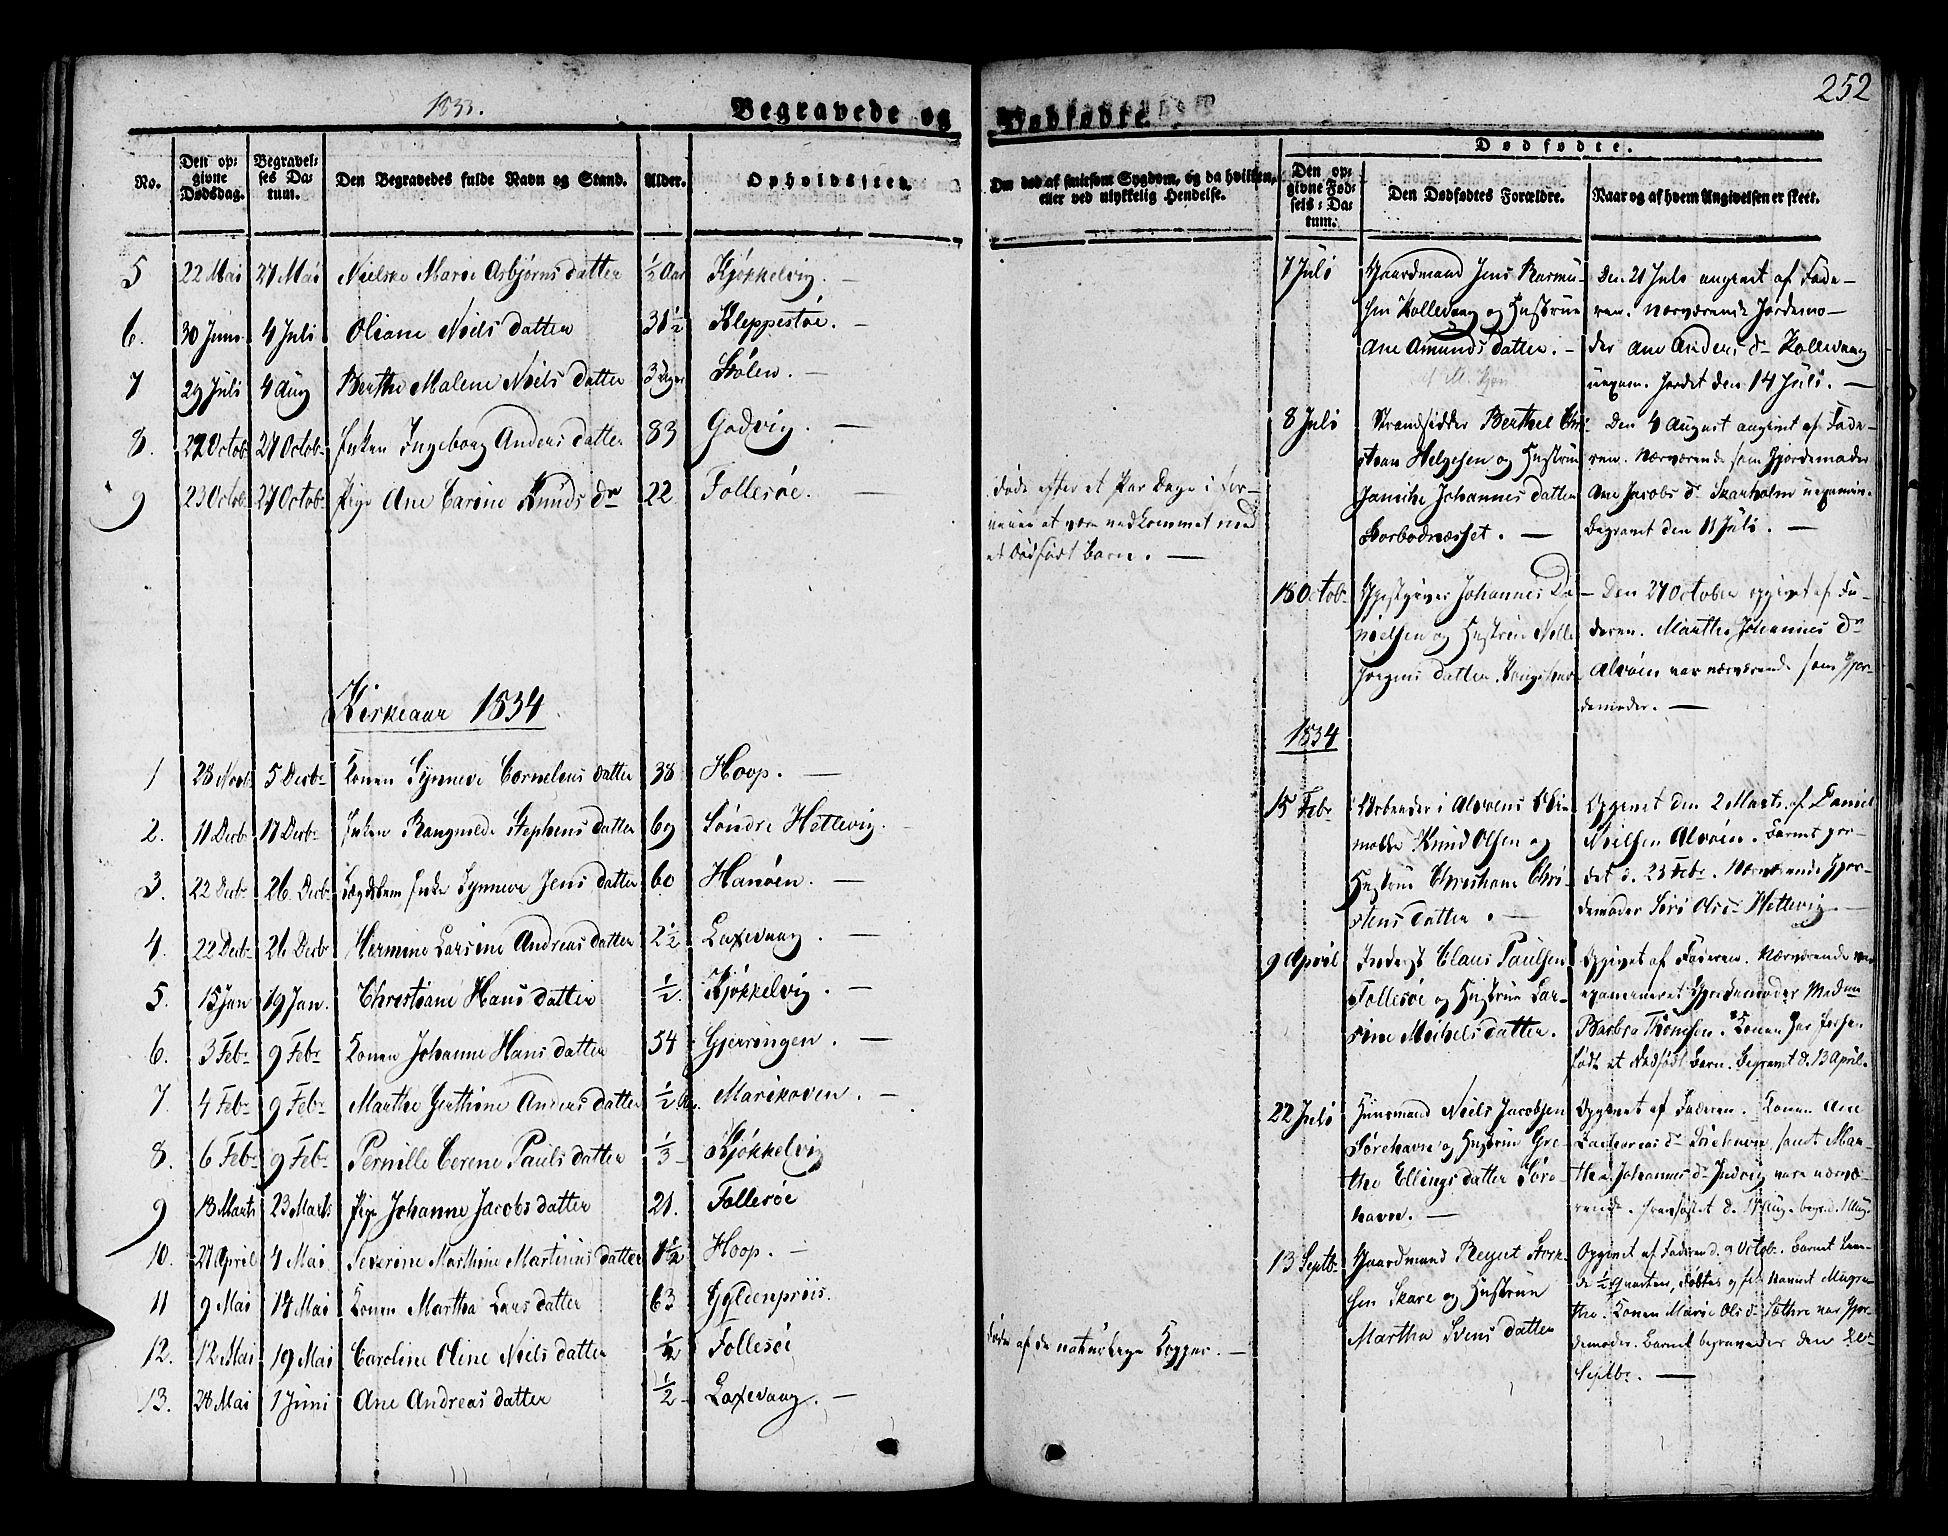 SAB, Askøy Sokneprestembete, H/Ha/Haa/Haaa/L0004: Parish register (official) no. A 4, 1825-1845, p. 252